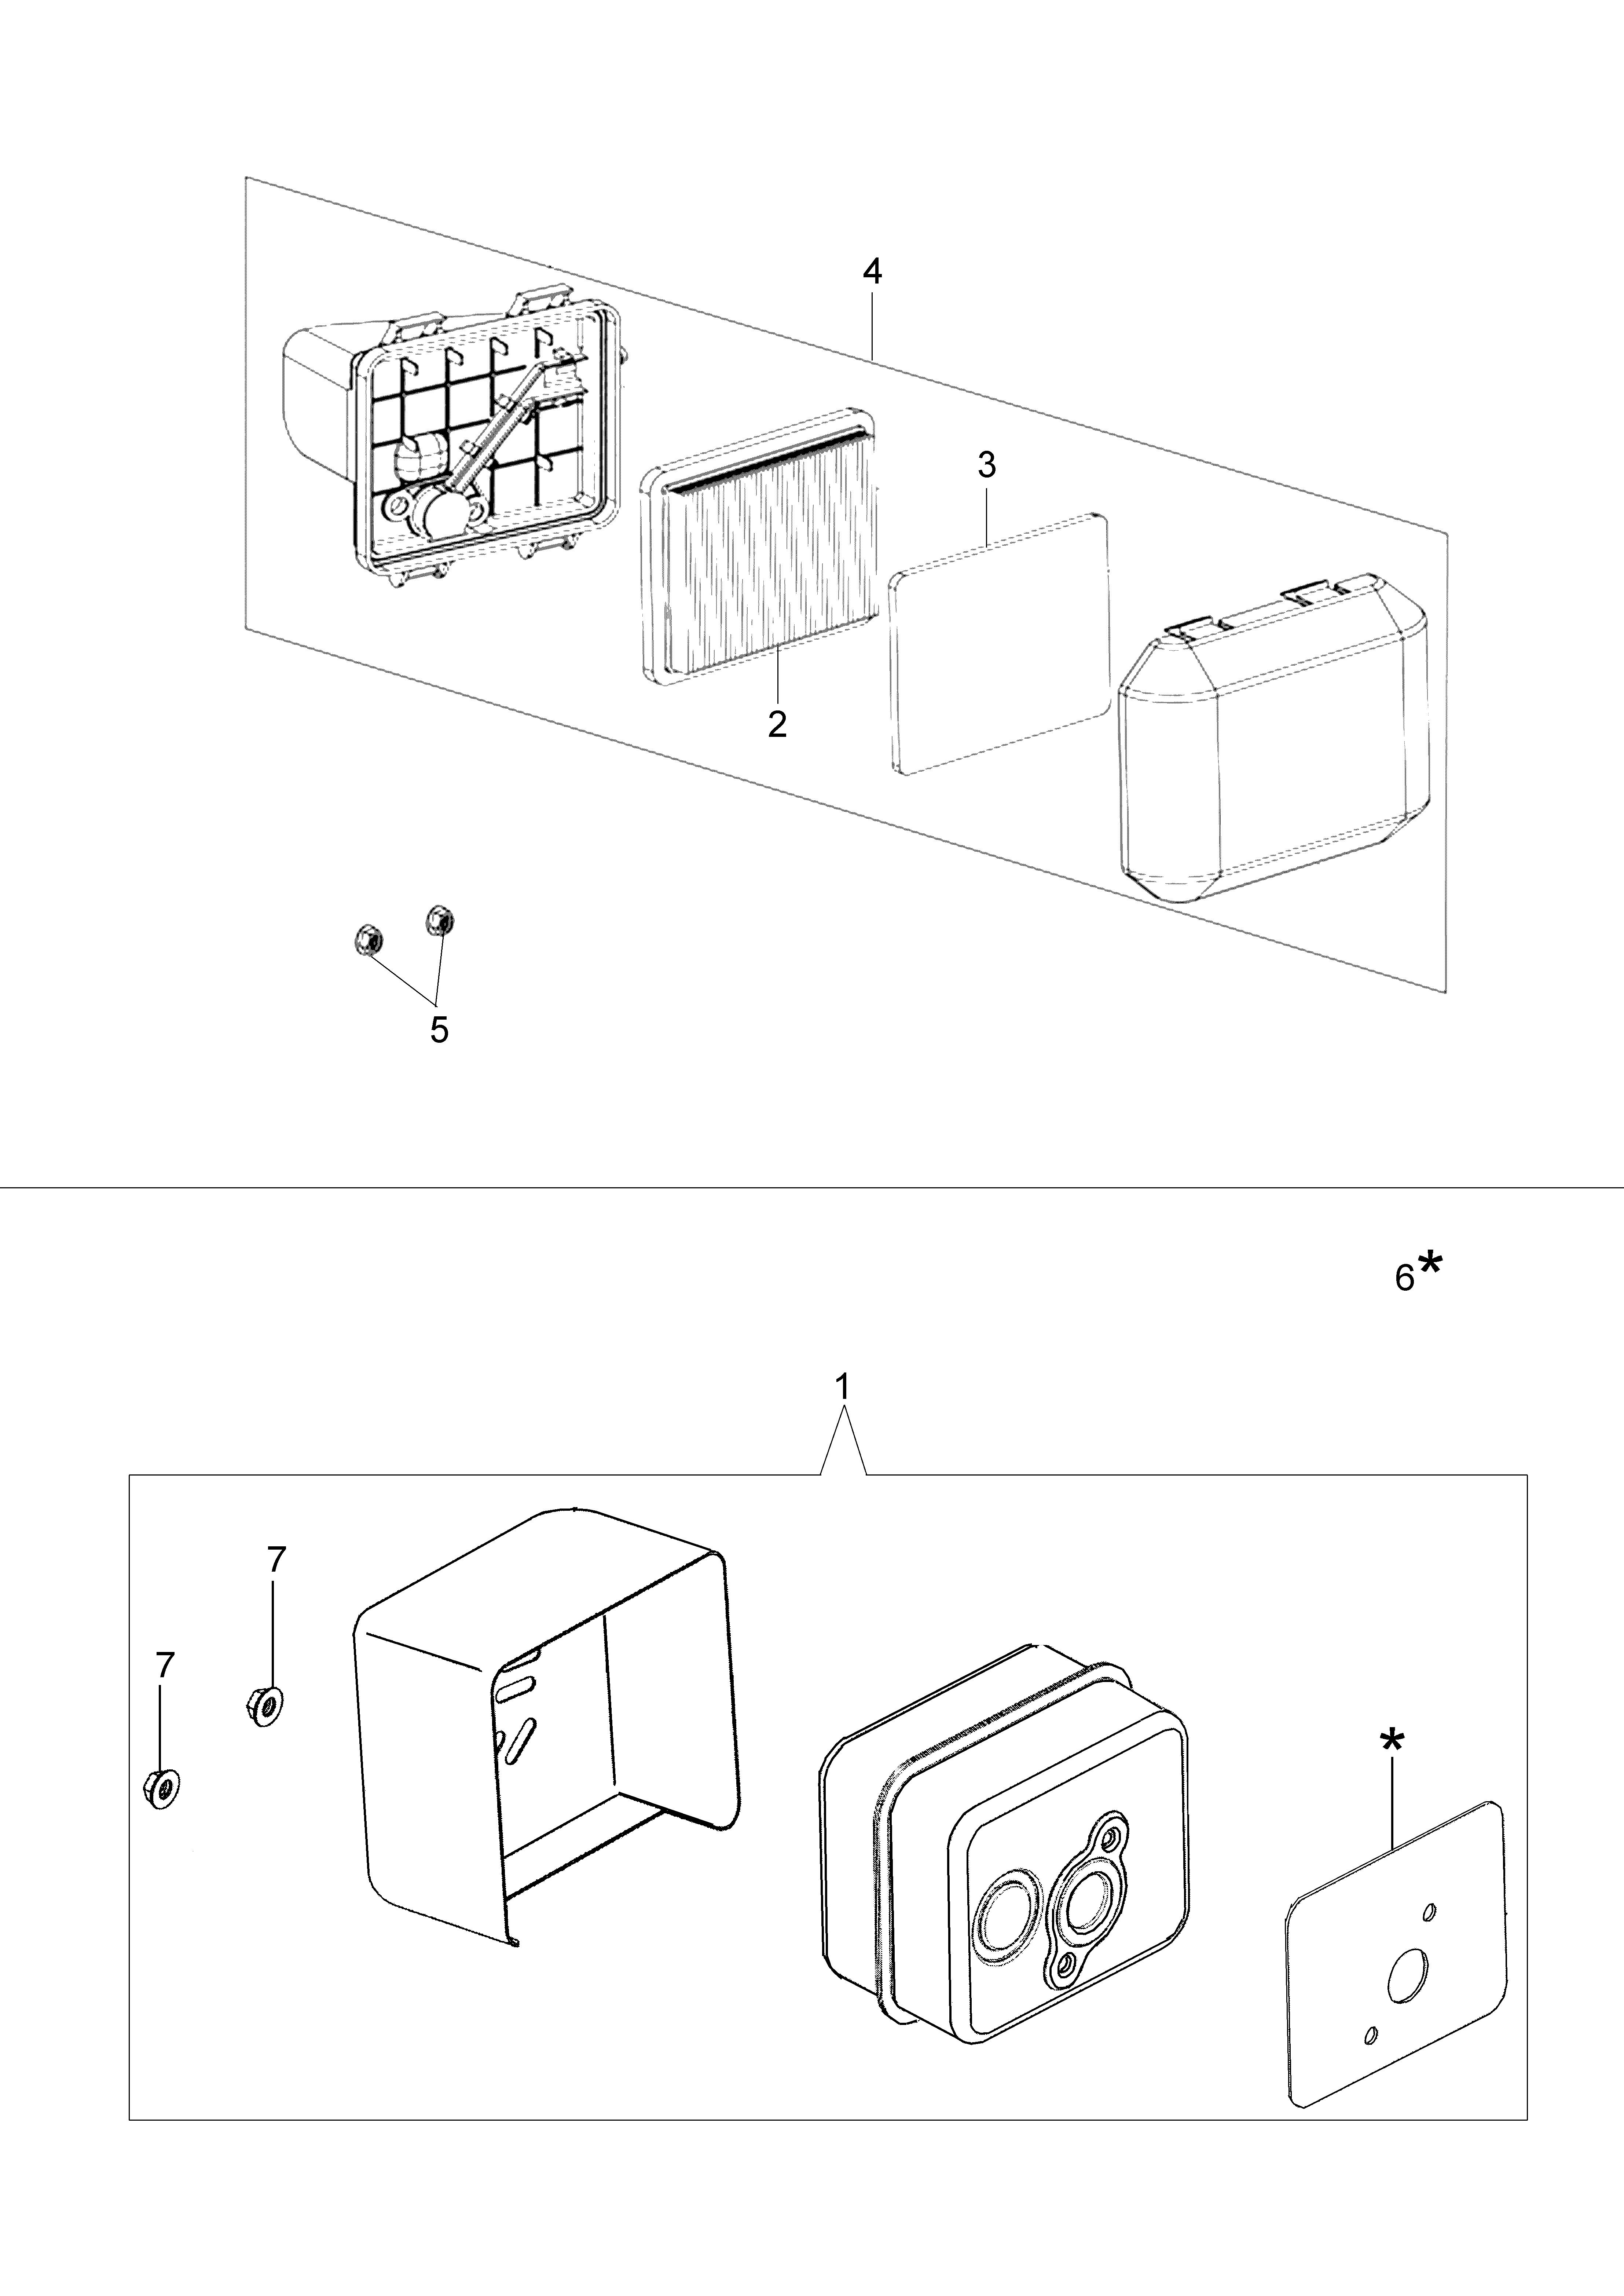 MOTEUR K600 emak vue éclatée Dessins pièces - Filtre air et pot d échappement